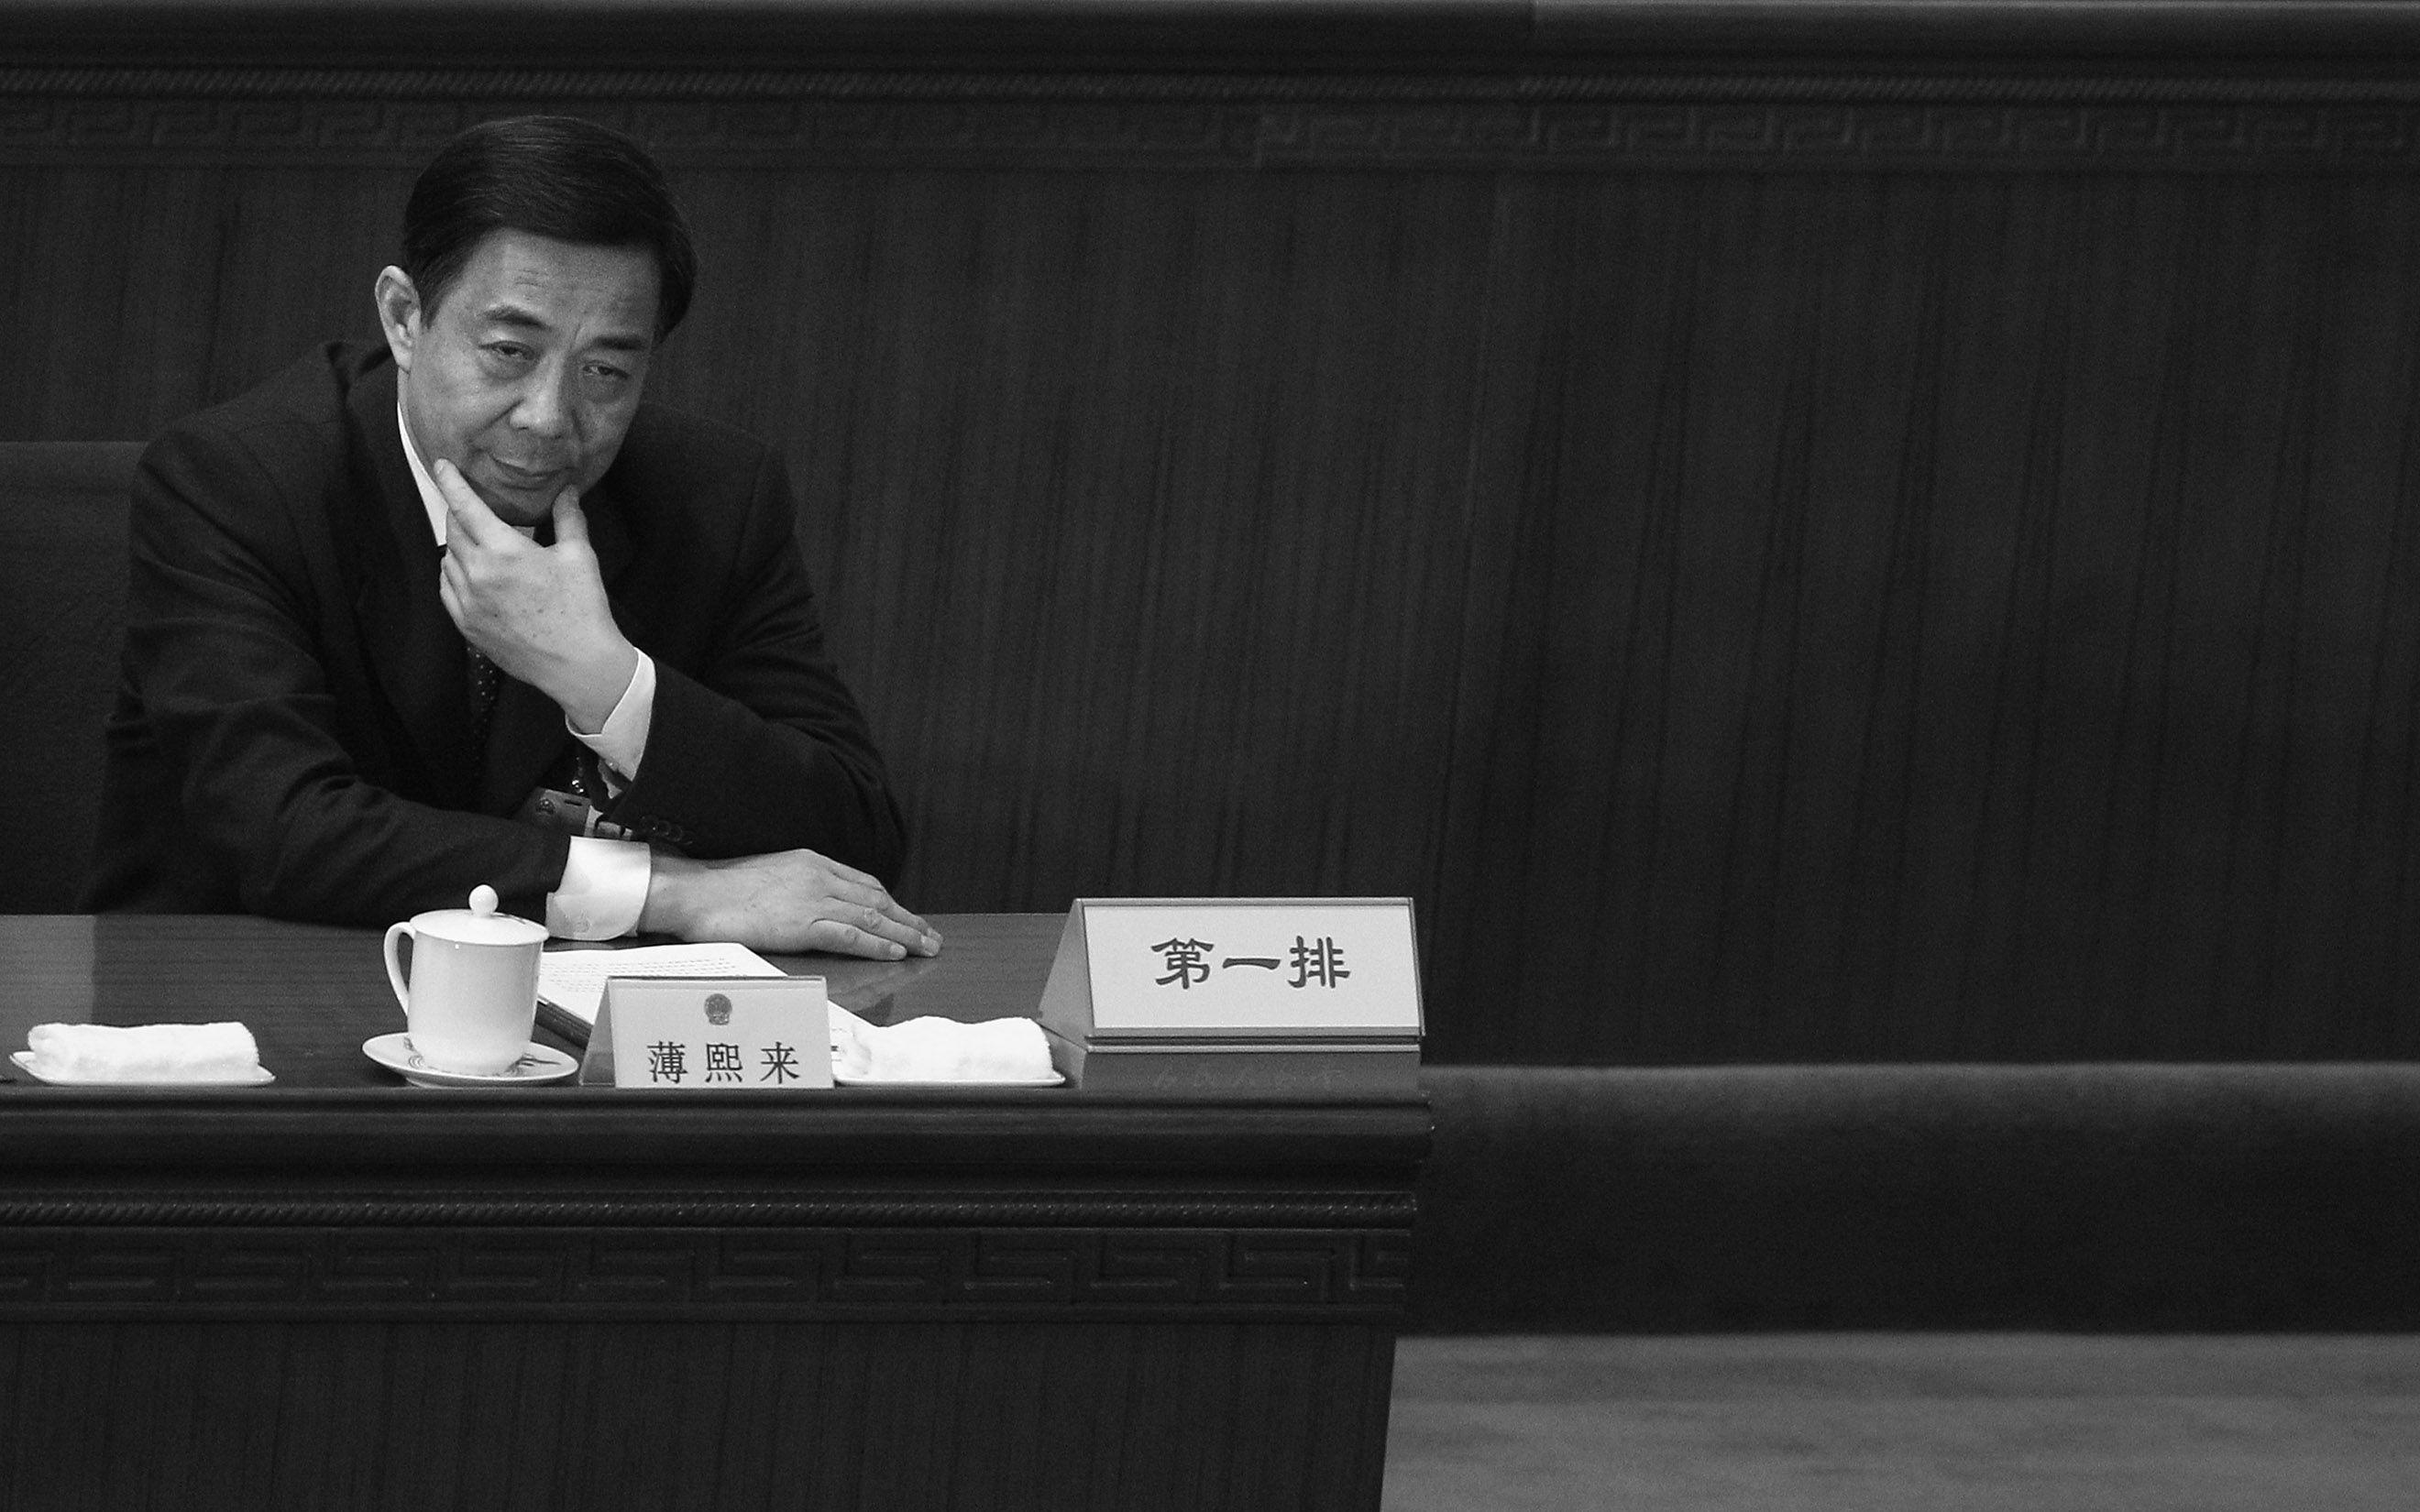 Parteiausschluss für Bo Xilai und Machtwechsel in China am 8. November